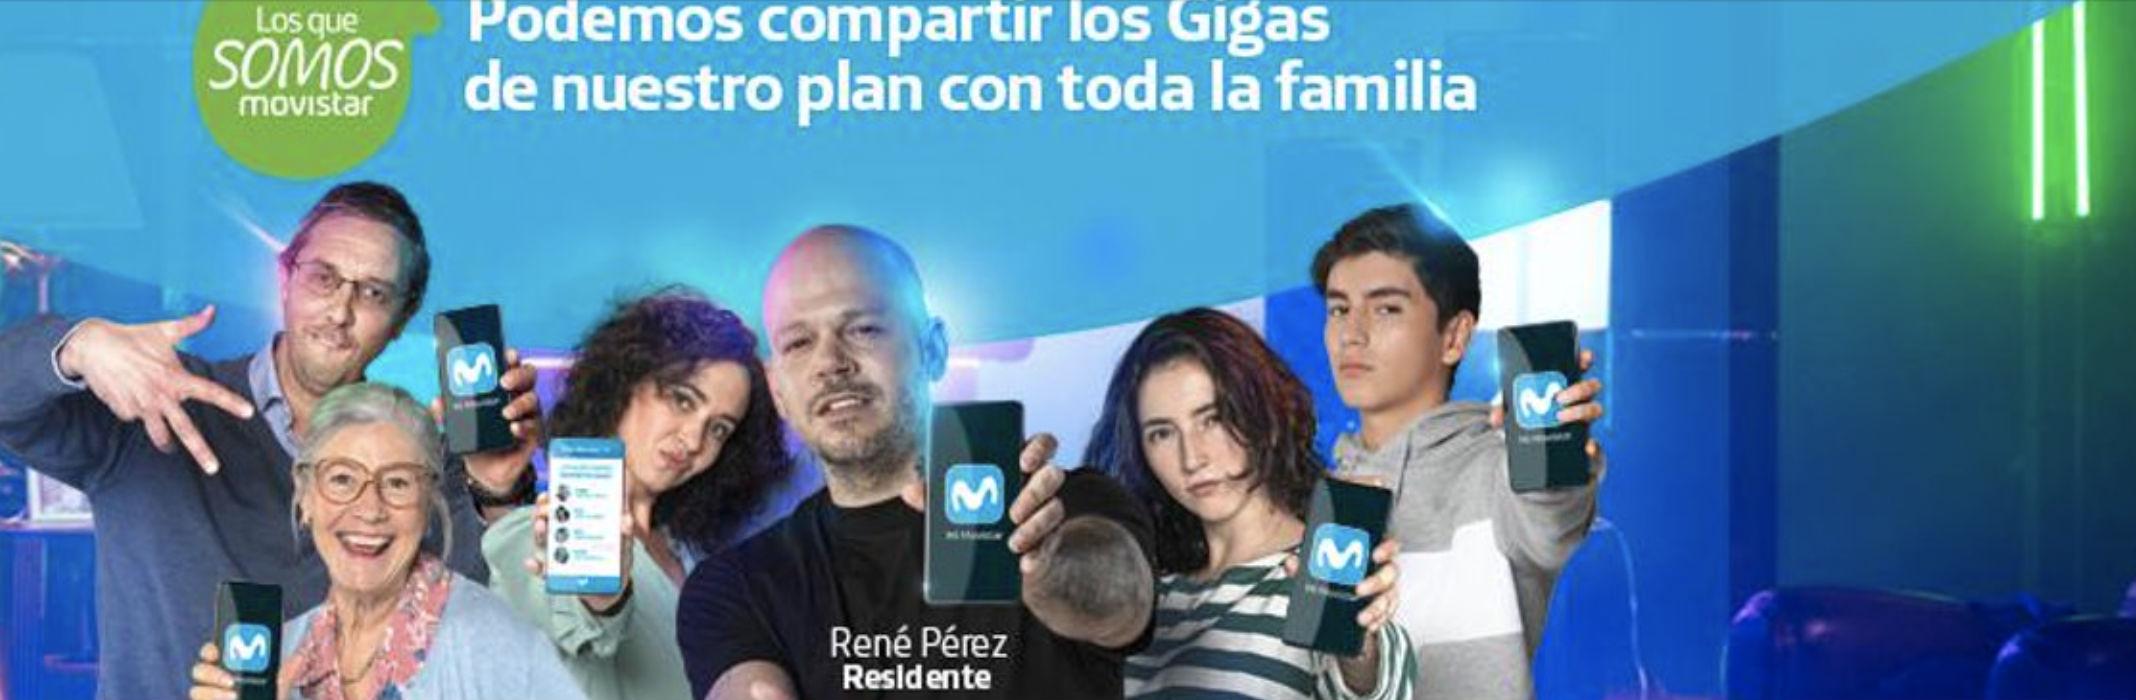 Publicidad dirigida a los inmigrates en Chile